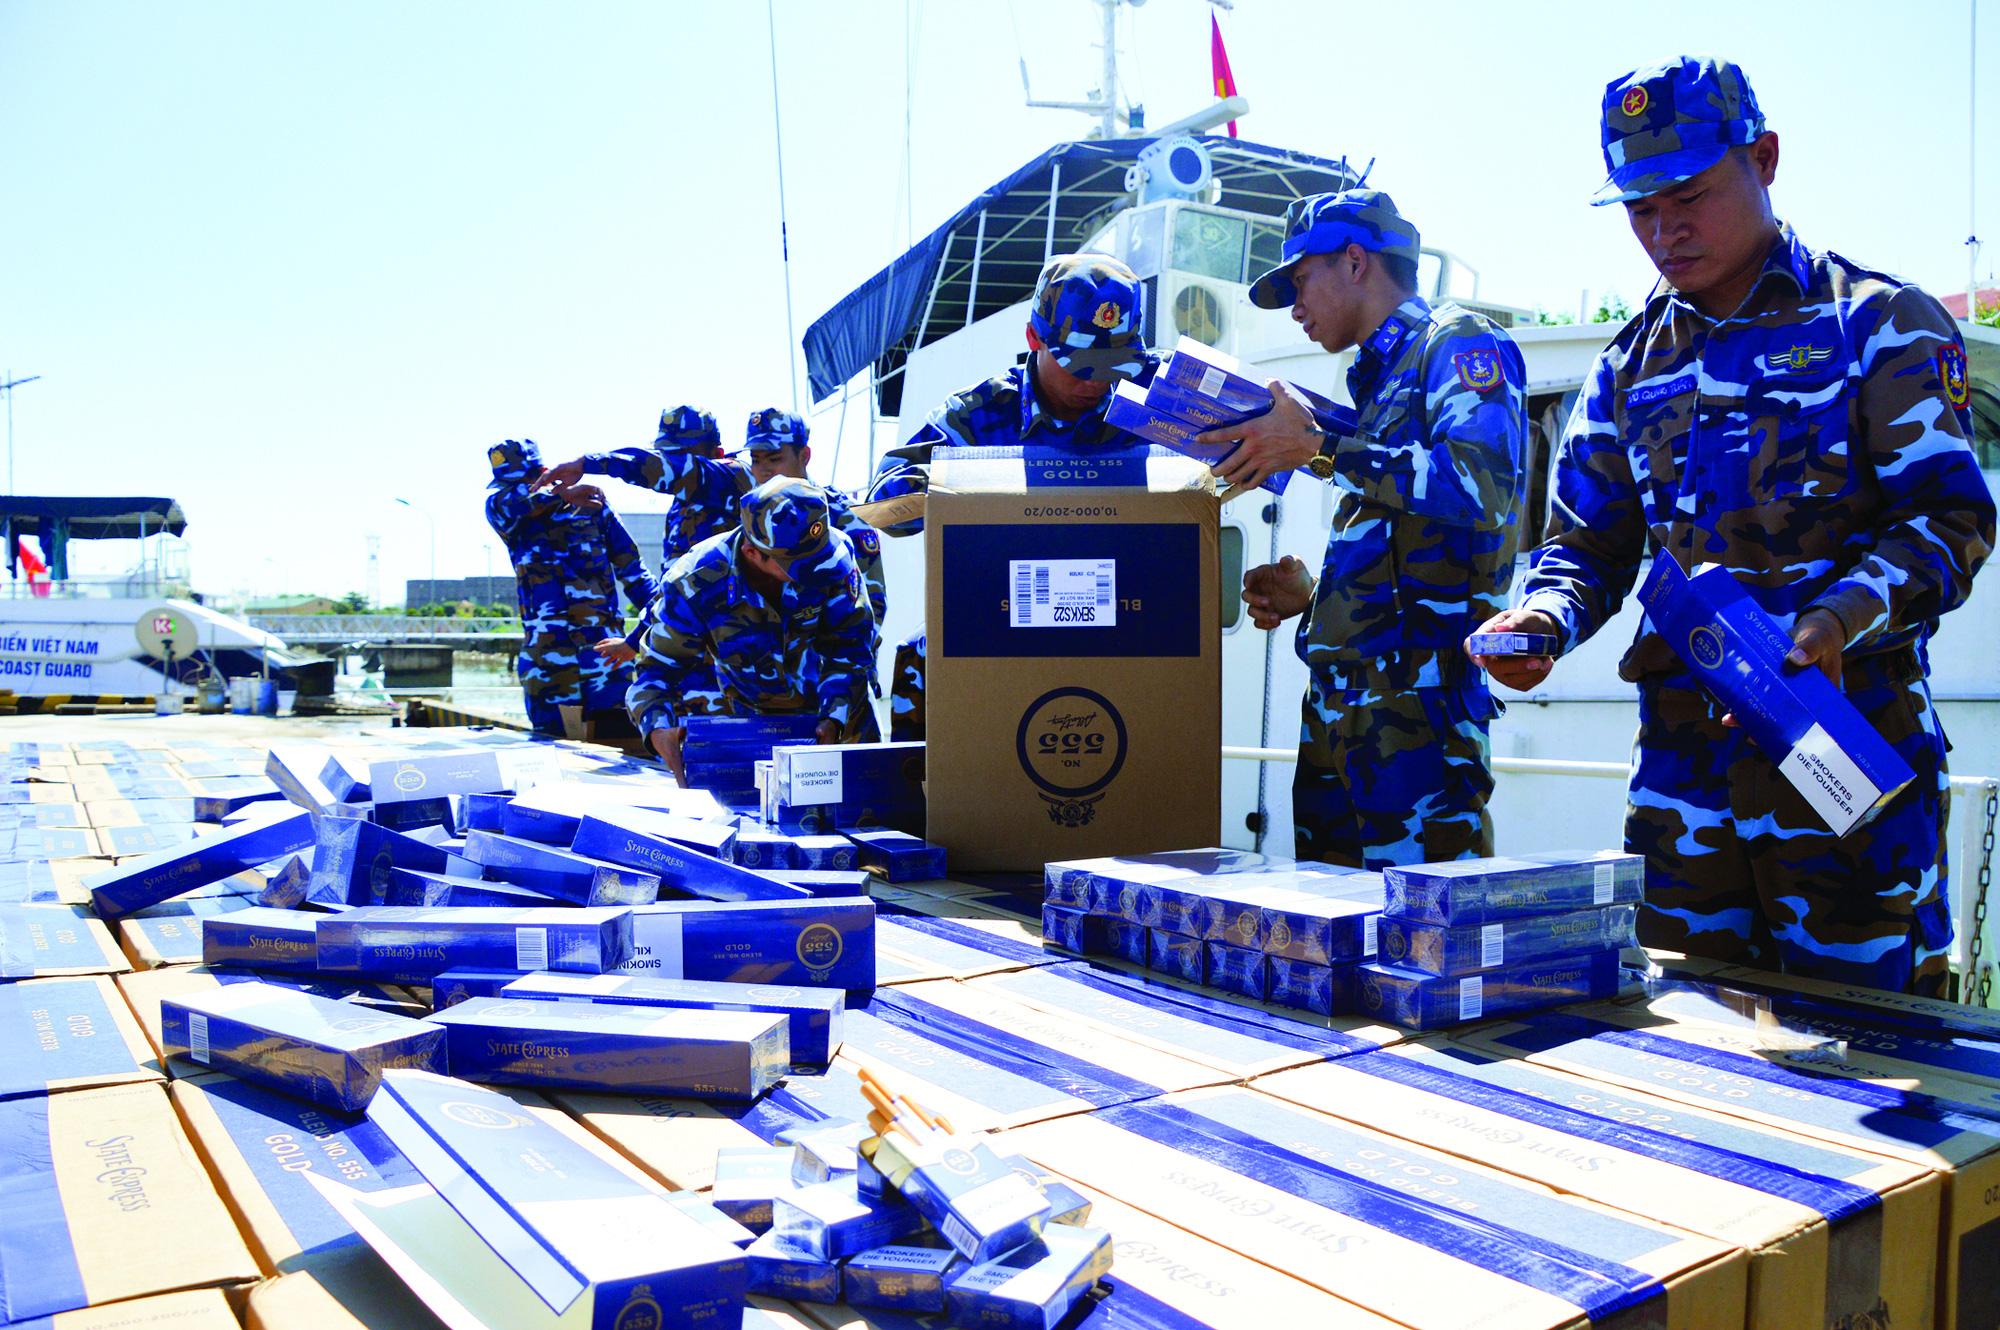 Nhiệm vụ, quyền hạn của Cảnh sát biển Việt Nam - Ảnh 1.